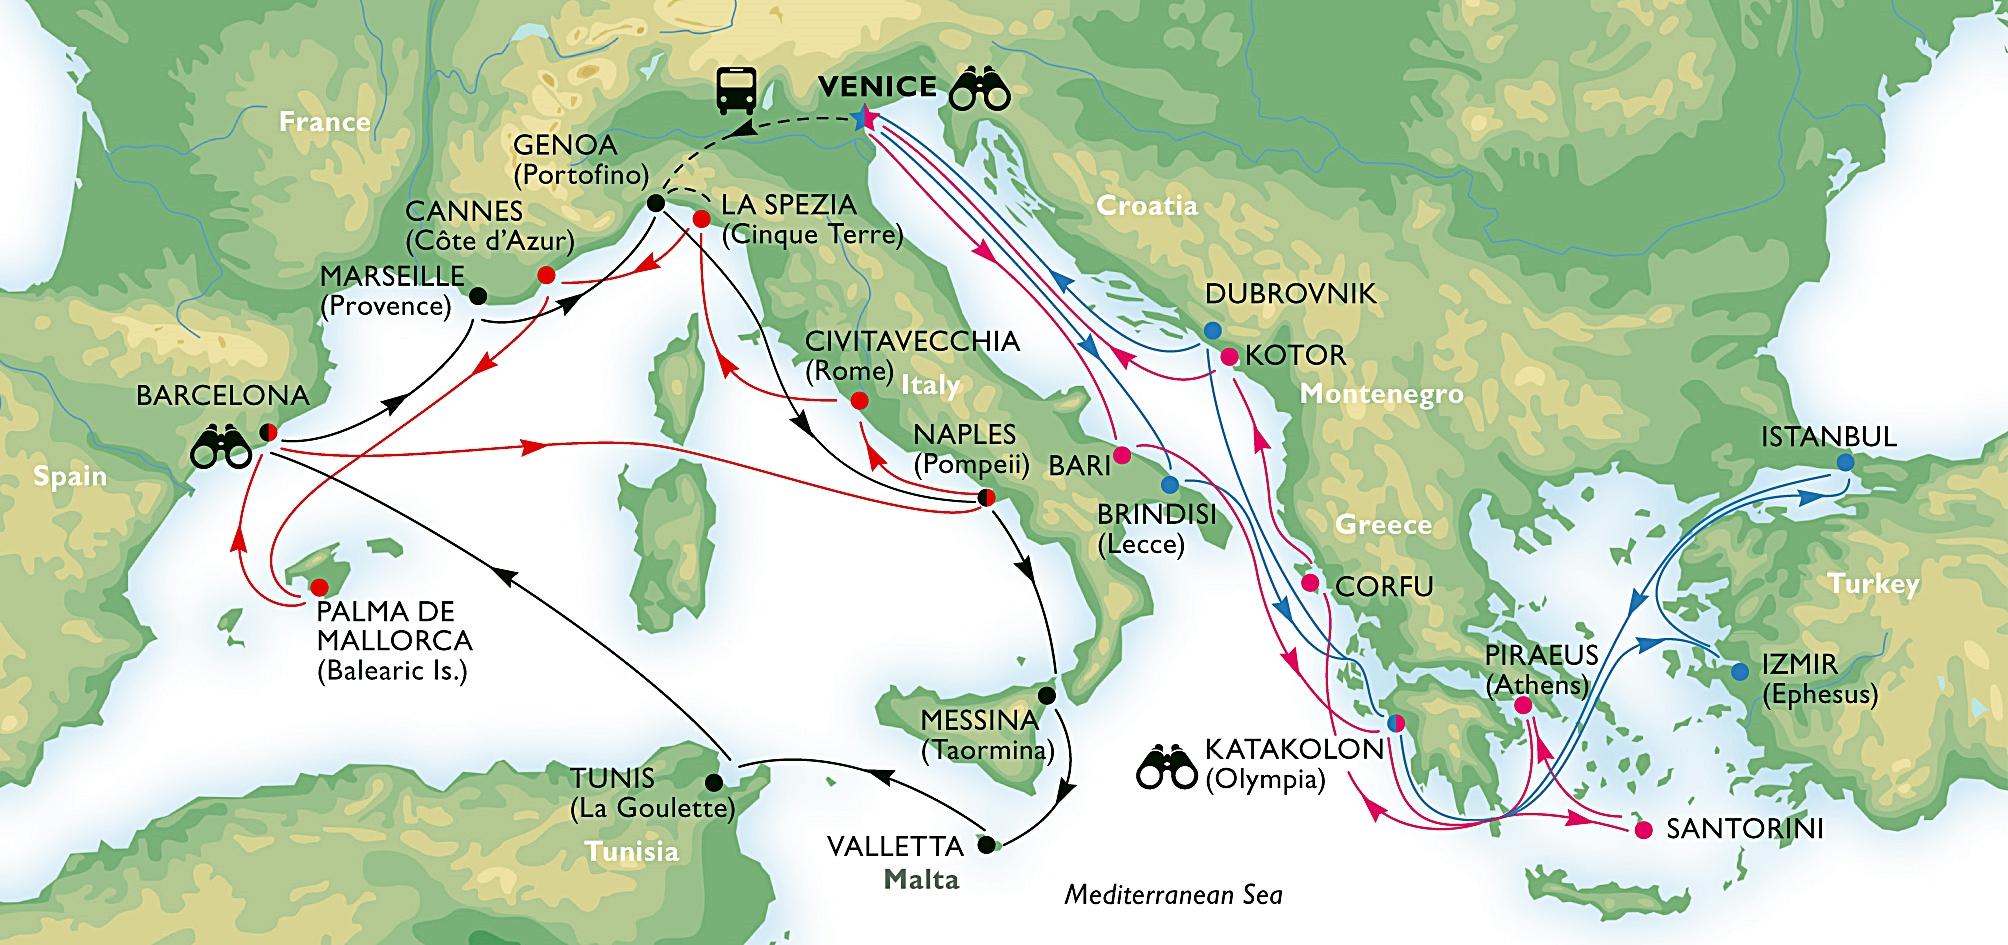 kart over middelhavet MSC Cruises` nye Grand Tours: Supercruise – 22 destinasjoner på én  kart over middelhavet